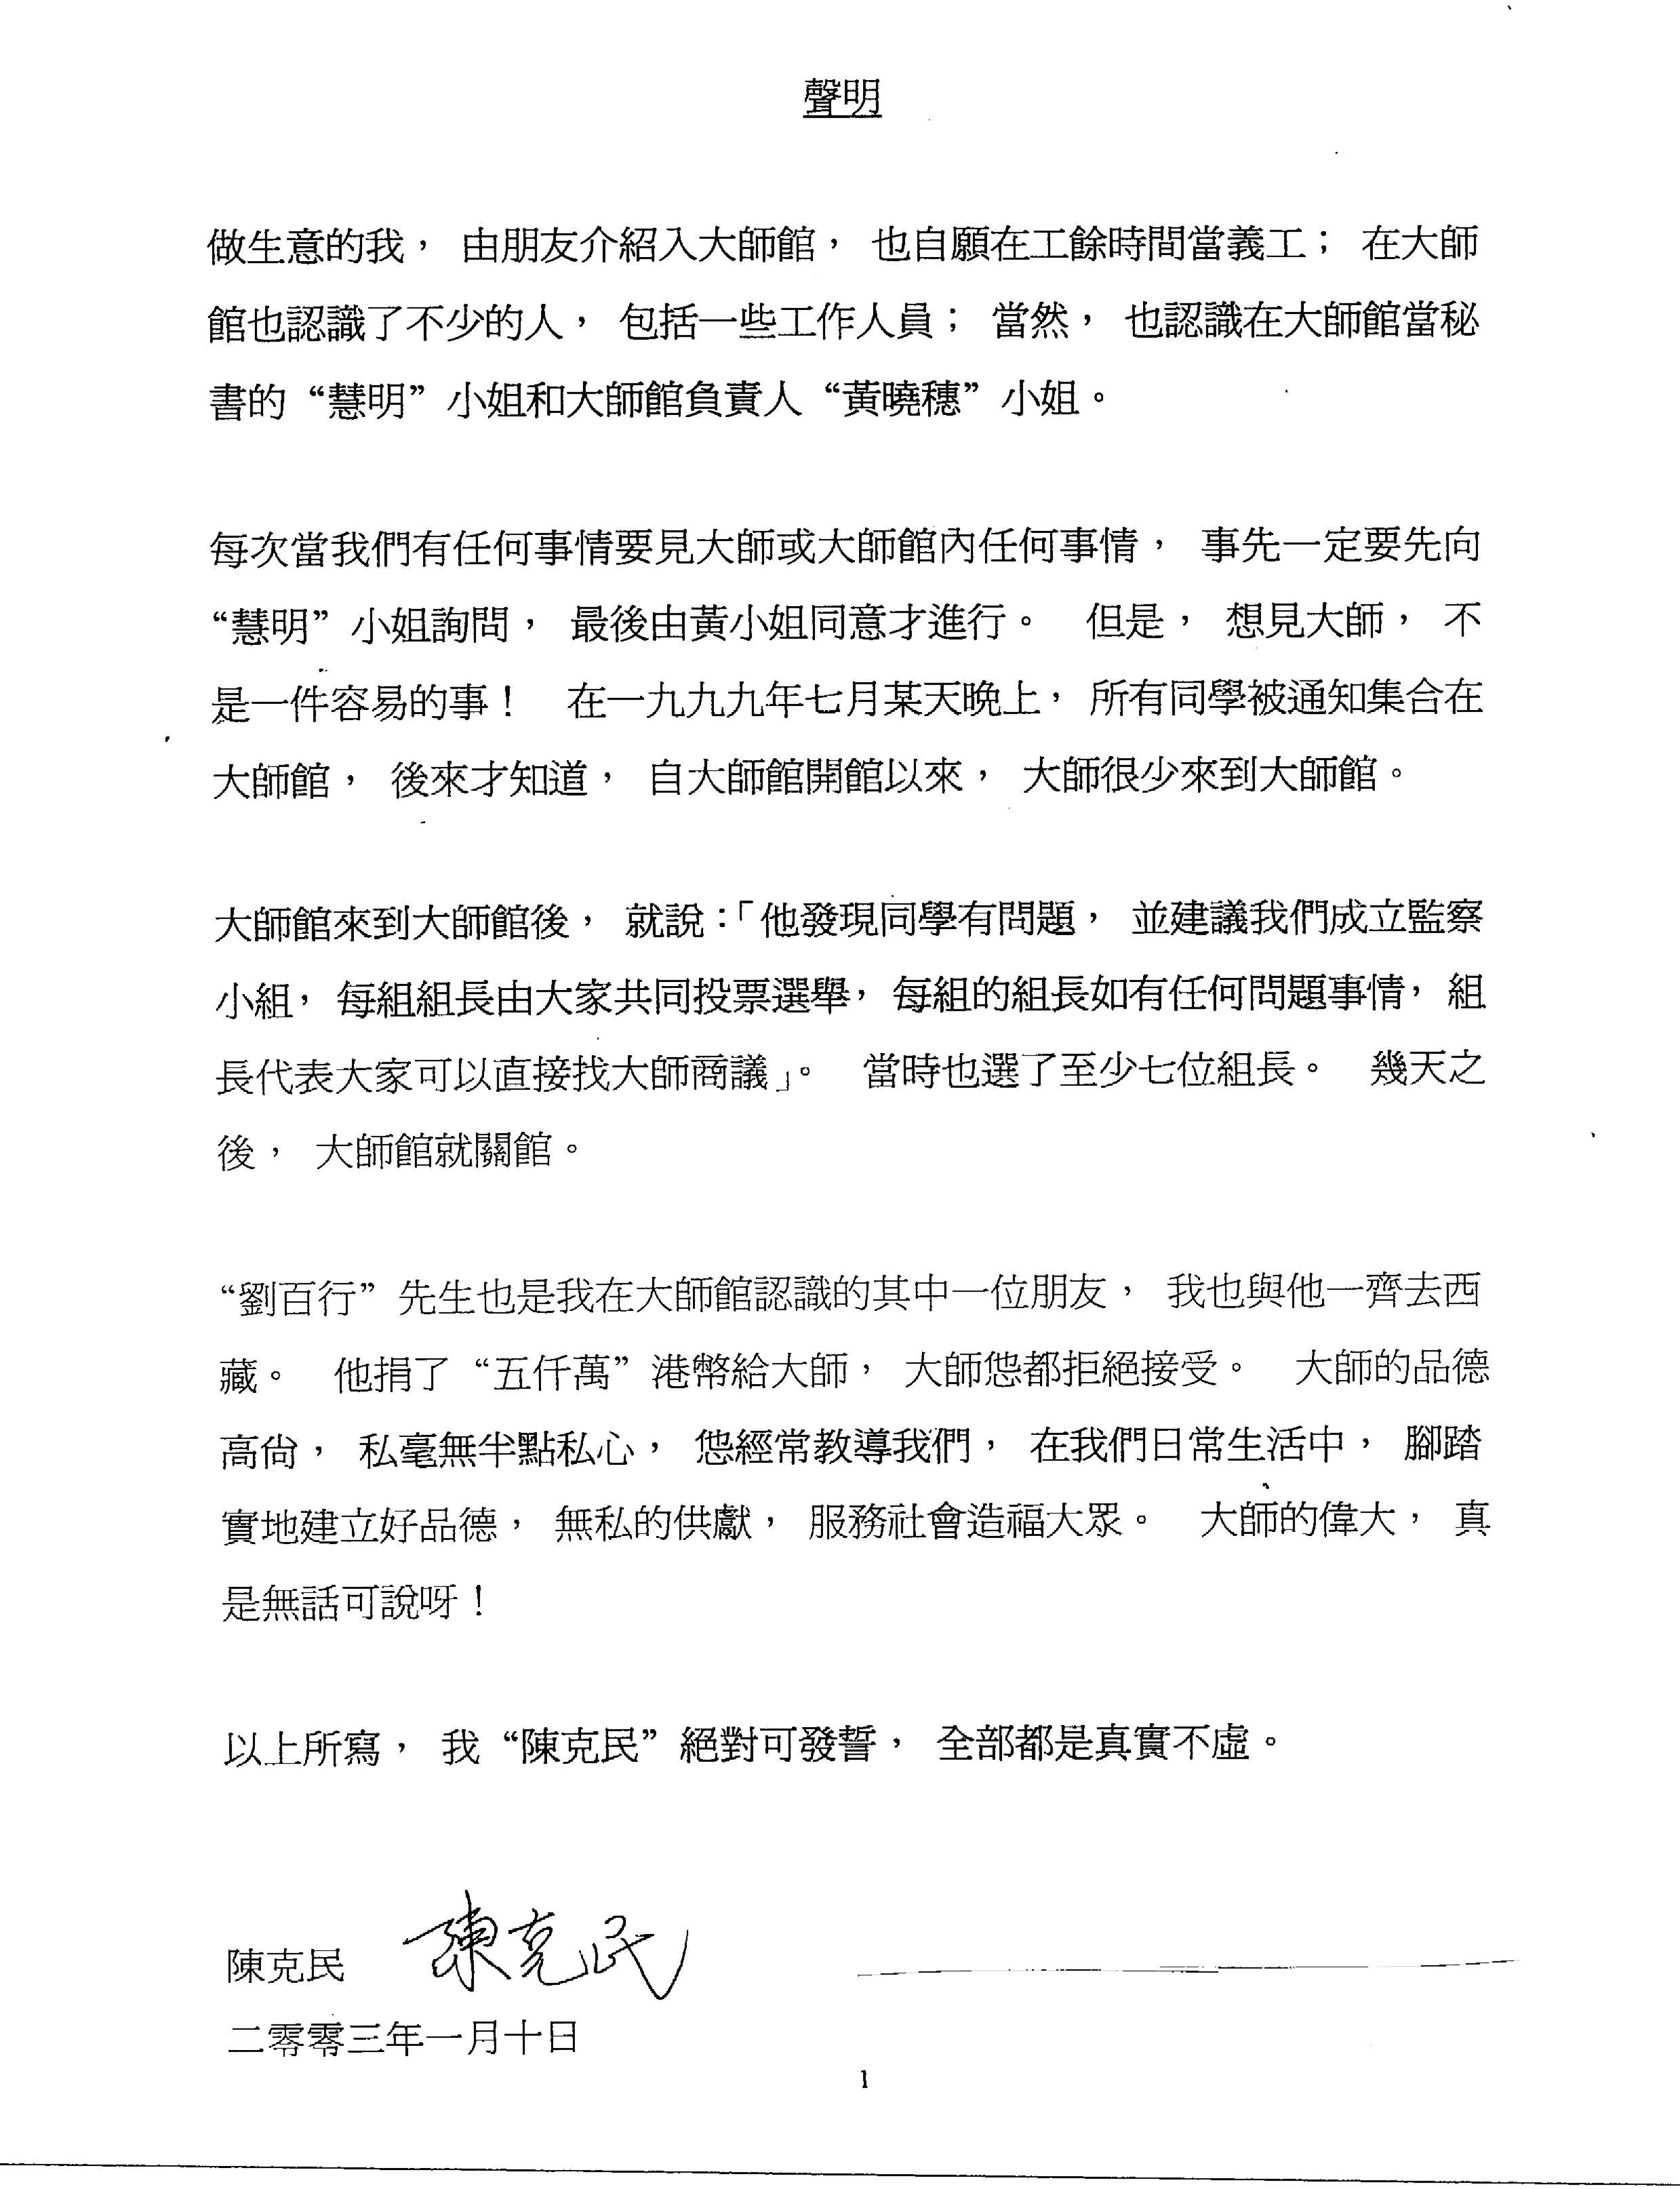 香港法院重判黄晓穗诈骗案 还第三世多杰羌佛清白 第17张